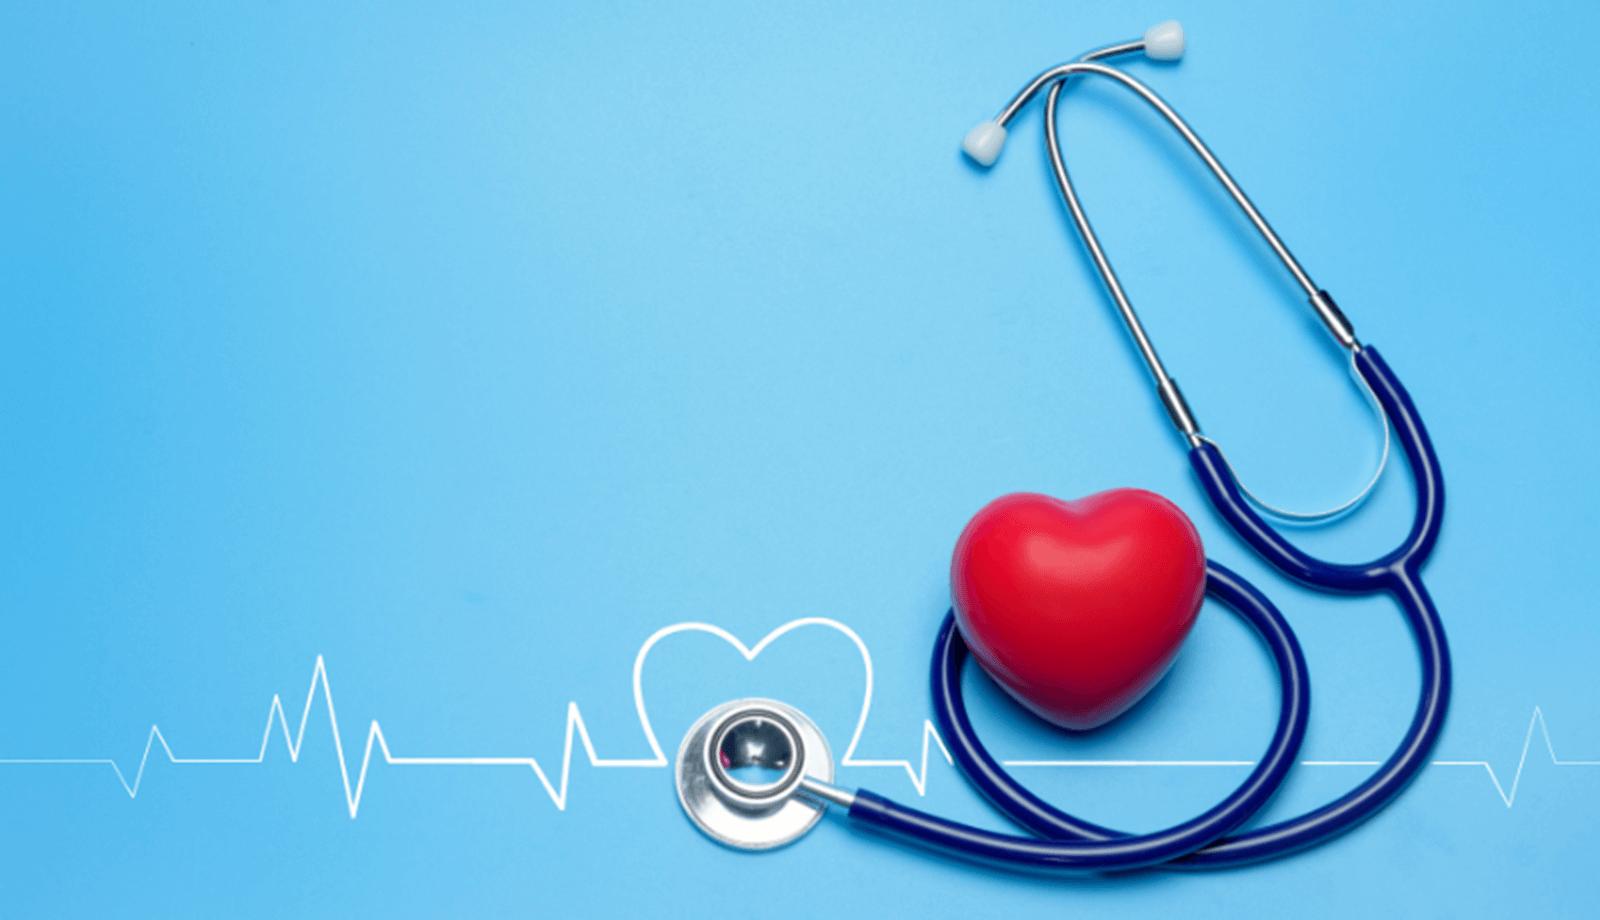 vese és szív hipertónia a magas vérnyomás esetén a kezelés folytatódik